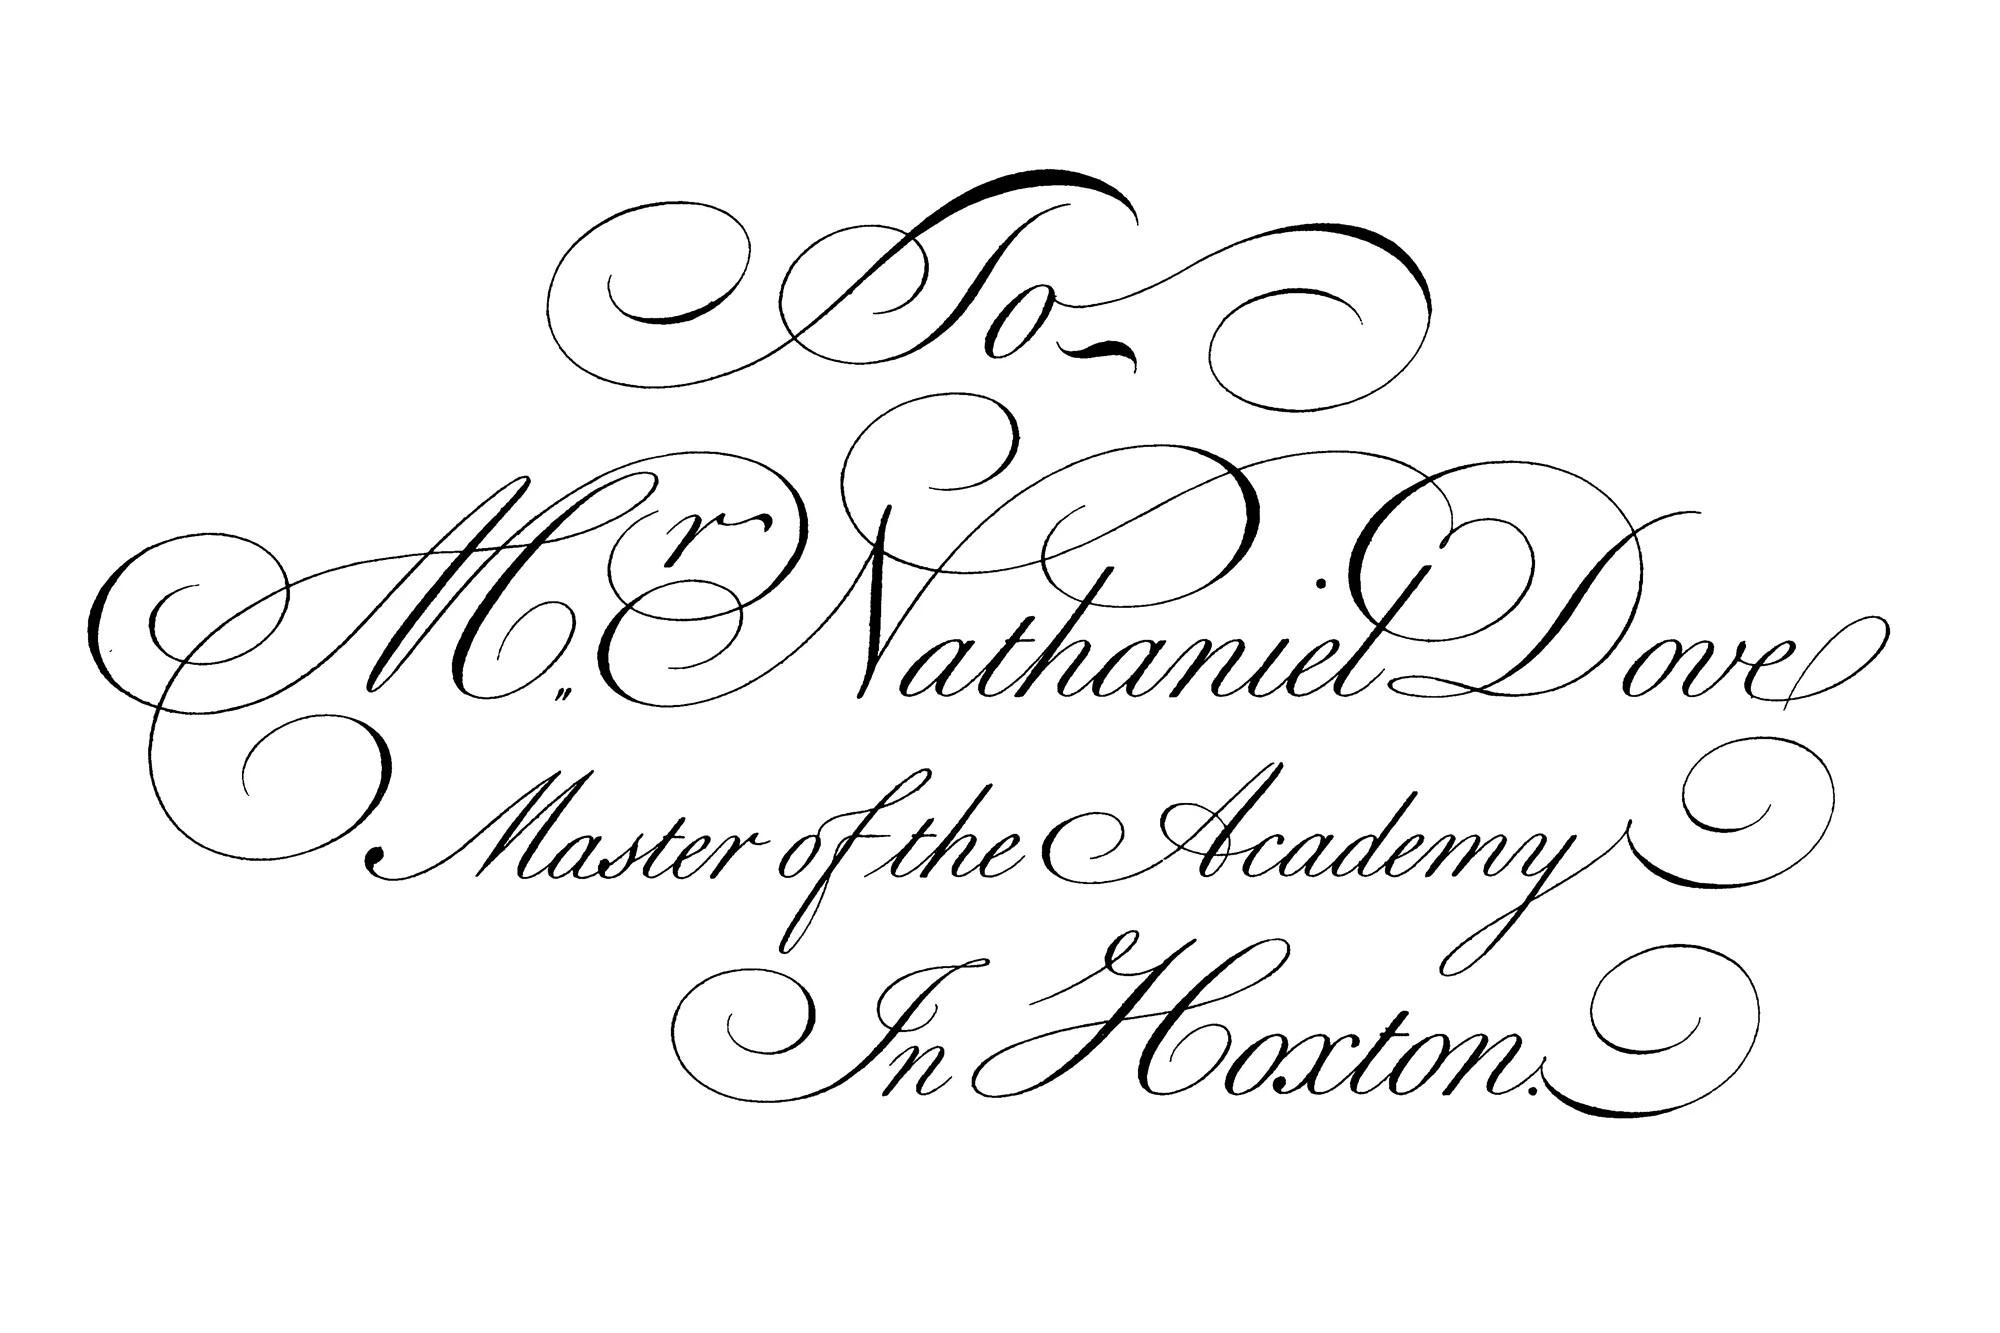 Las 25 Tipografias Mas Utilizadas En Publicidad